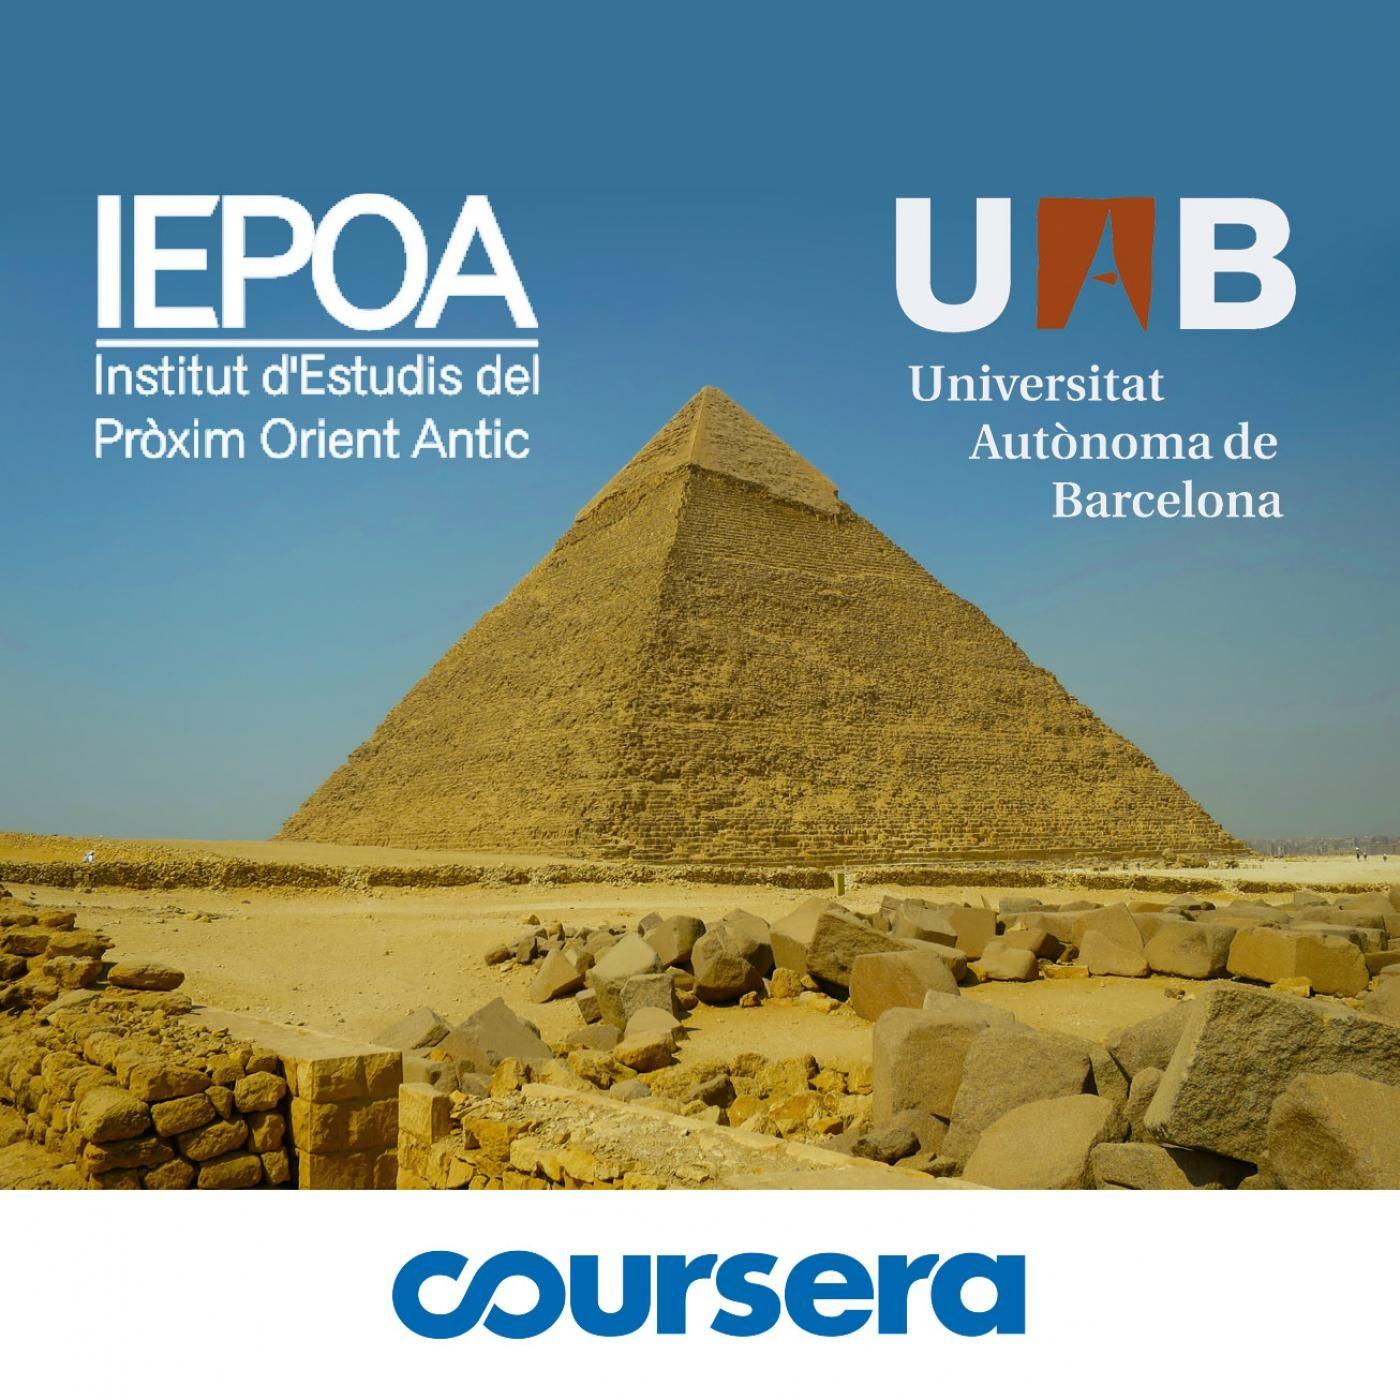 <![CDATA[Egiptología de IEPOA UAB Coursera]]>